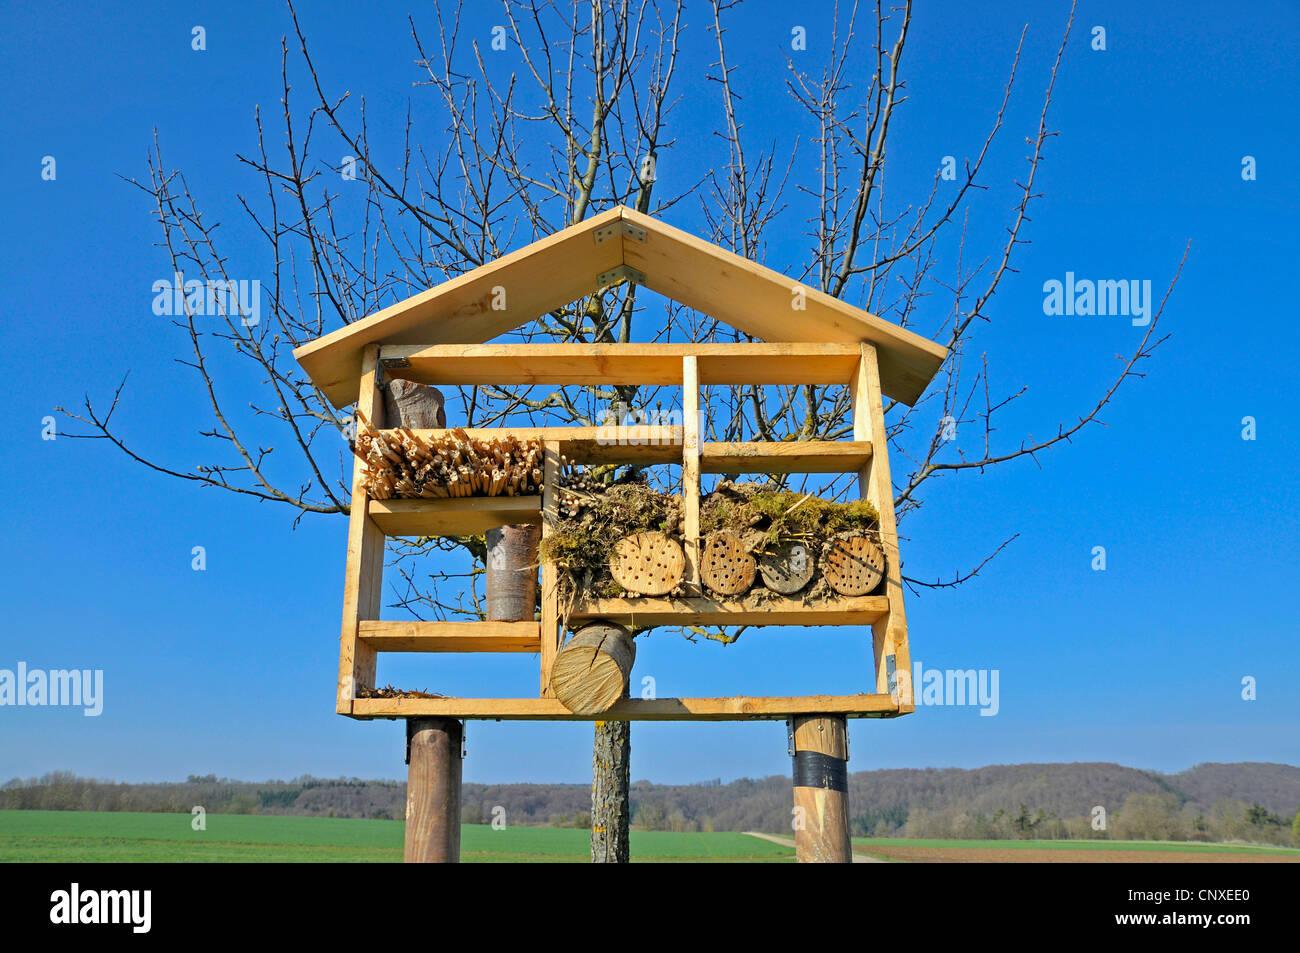 Insektenhotel für Wildbienen und andere Insekten, Deutschland Stockbild